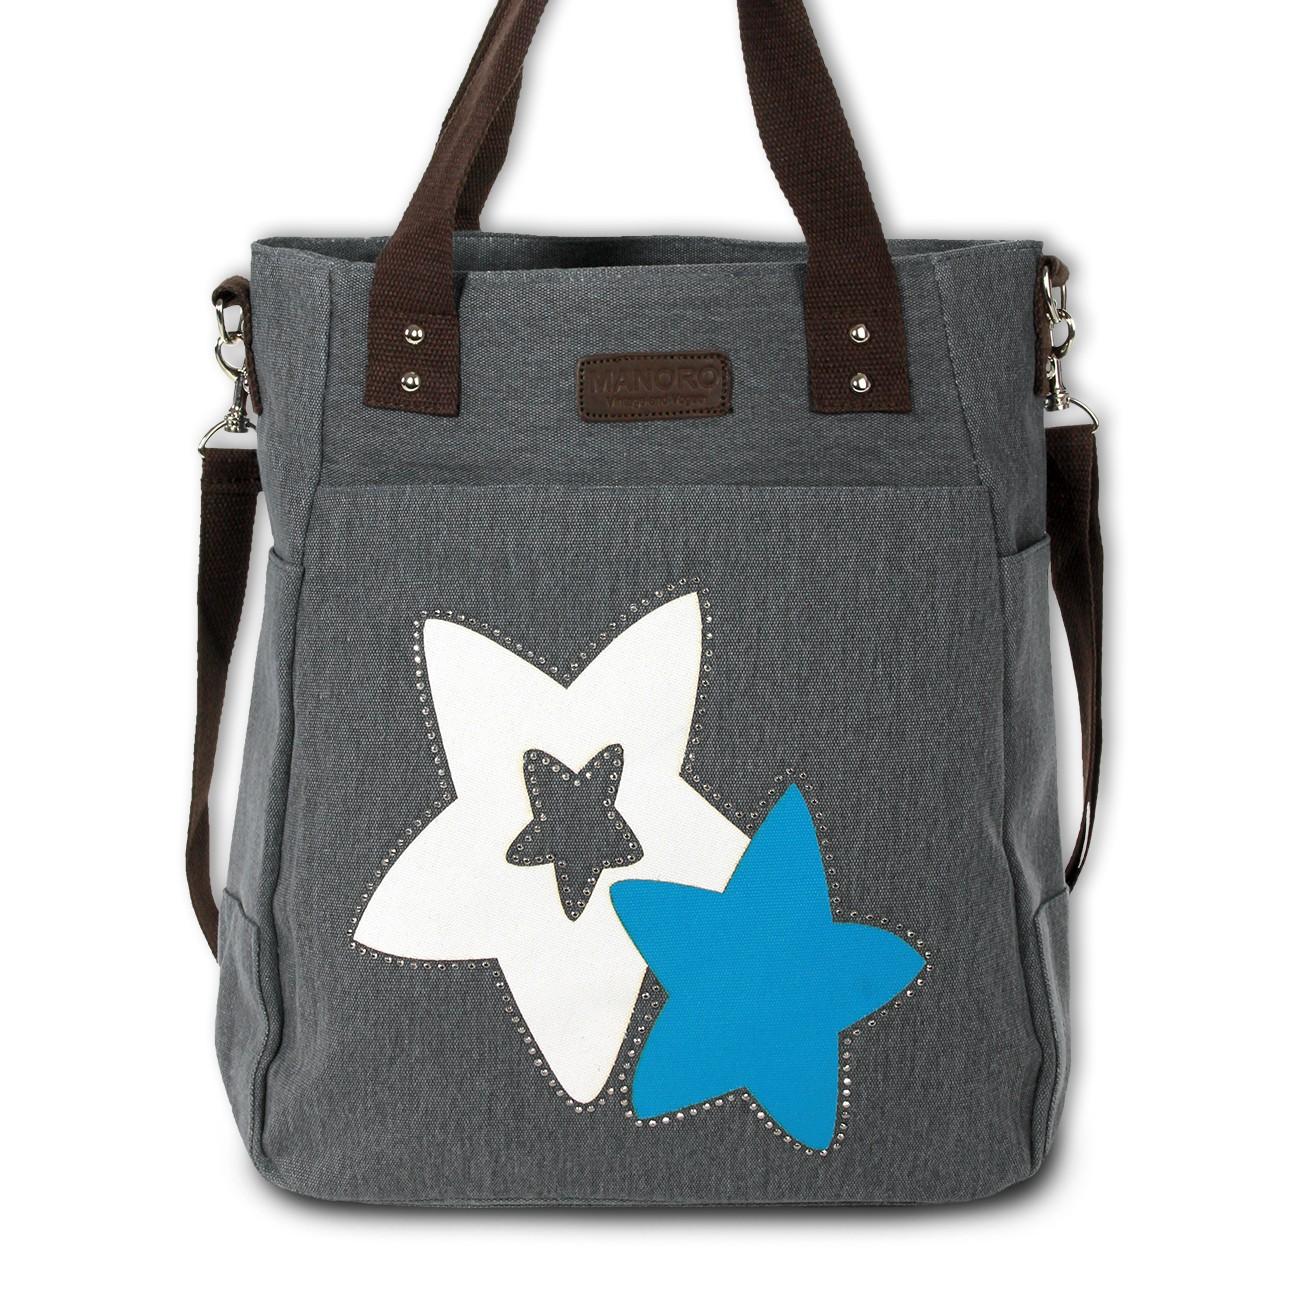 Henkeltasche Canvas grau Shopper Handtasche Stars Schultertasche Manoro OTK222K